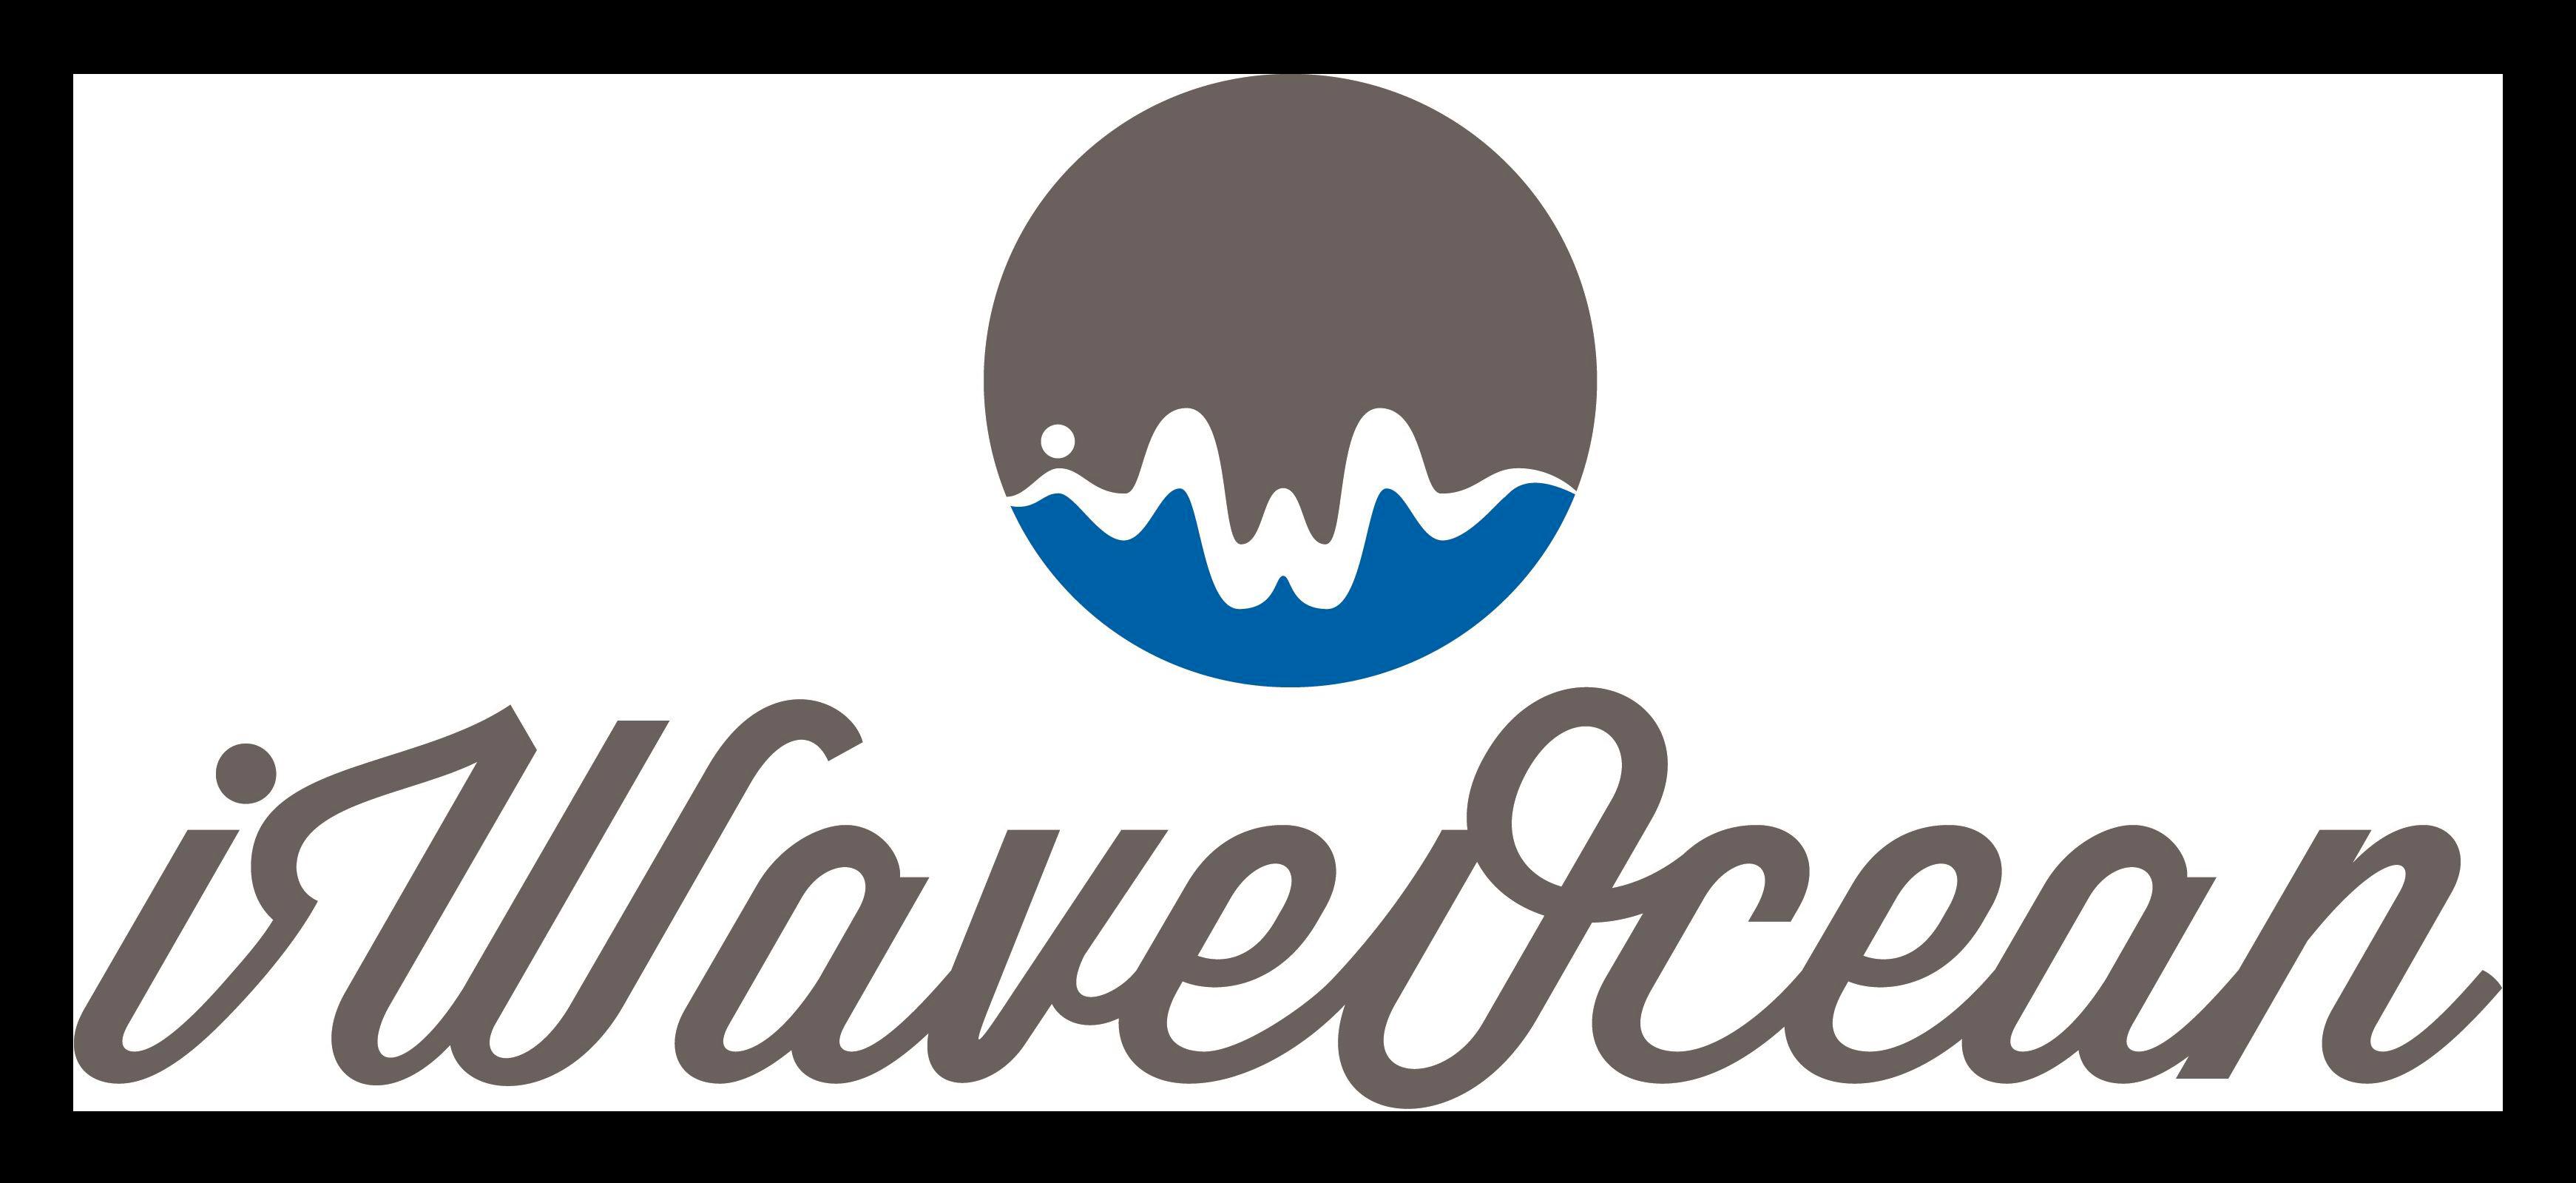 iwaveocean logo Decostop